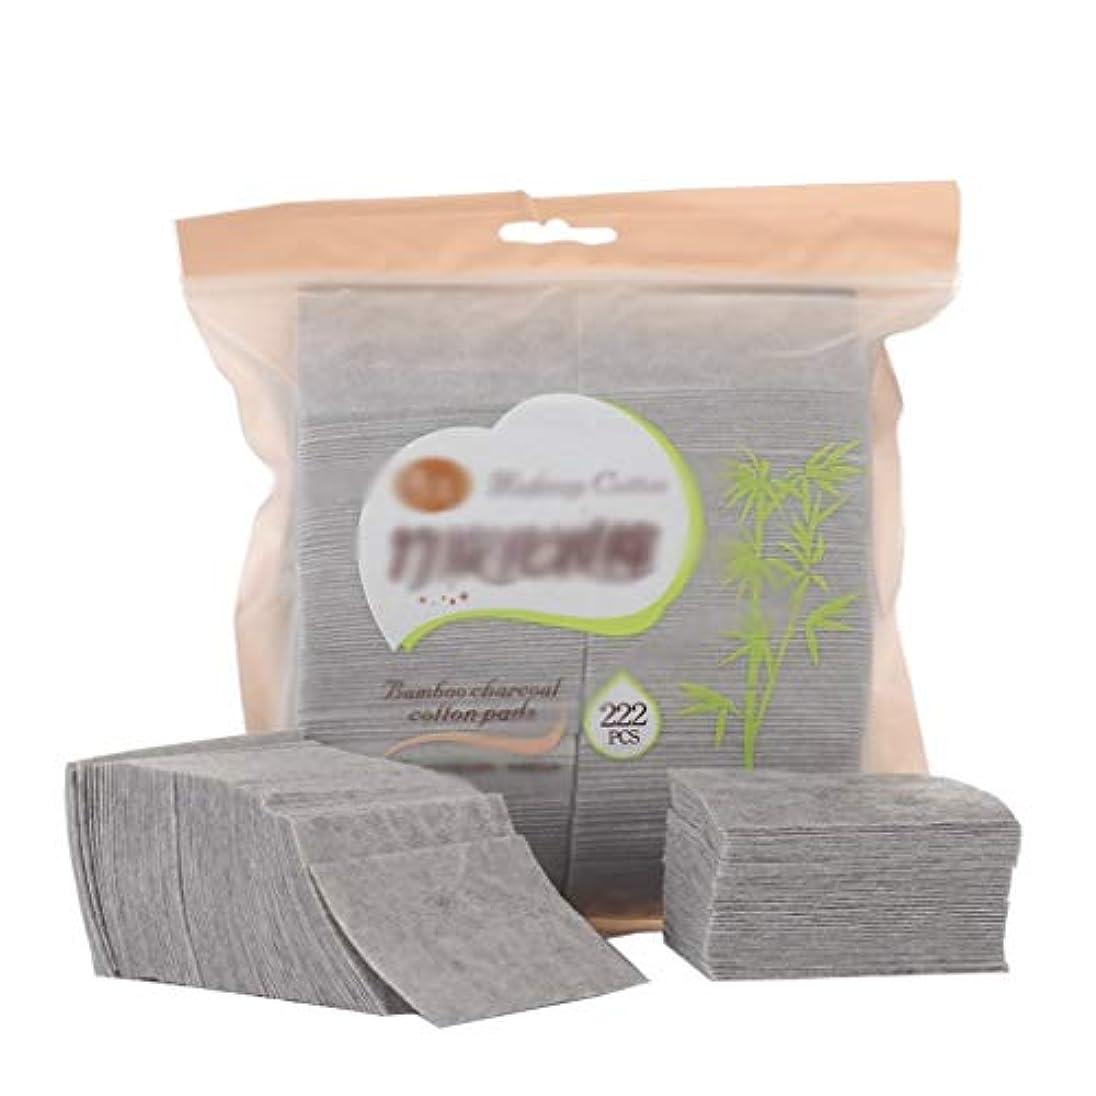 すり伝記指定クレンジングシート 222ピース箱入り竹炭化粧コットンパッド両面使い捨て洗顔コットンポータブルメイクアップコットンピース (Color : Gray, サイズ : 5*7cm)